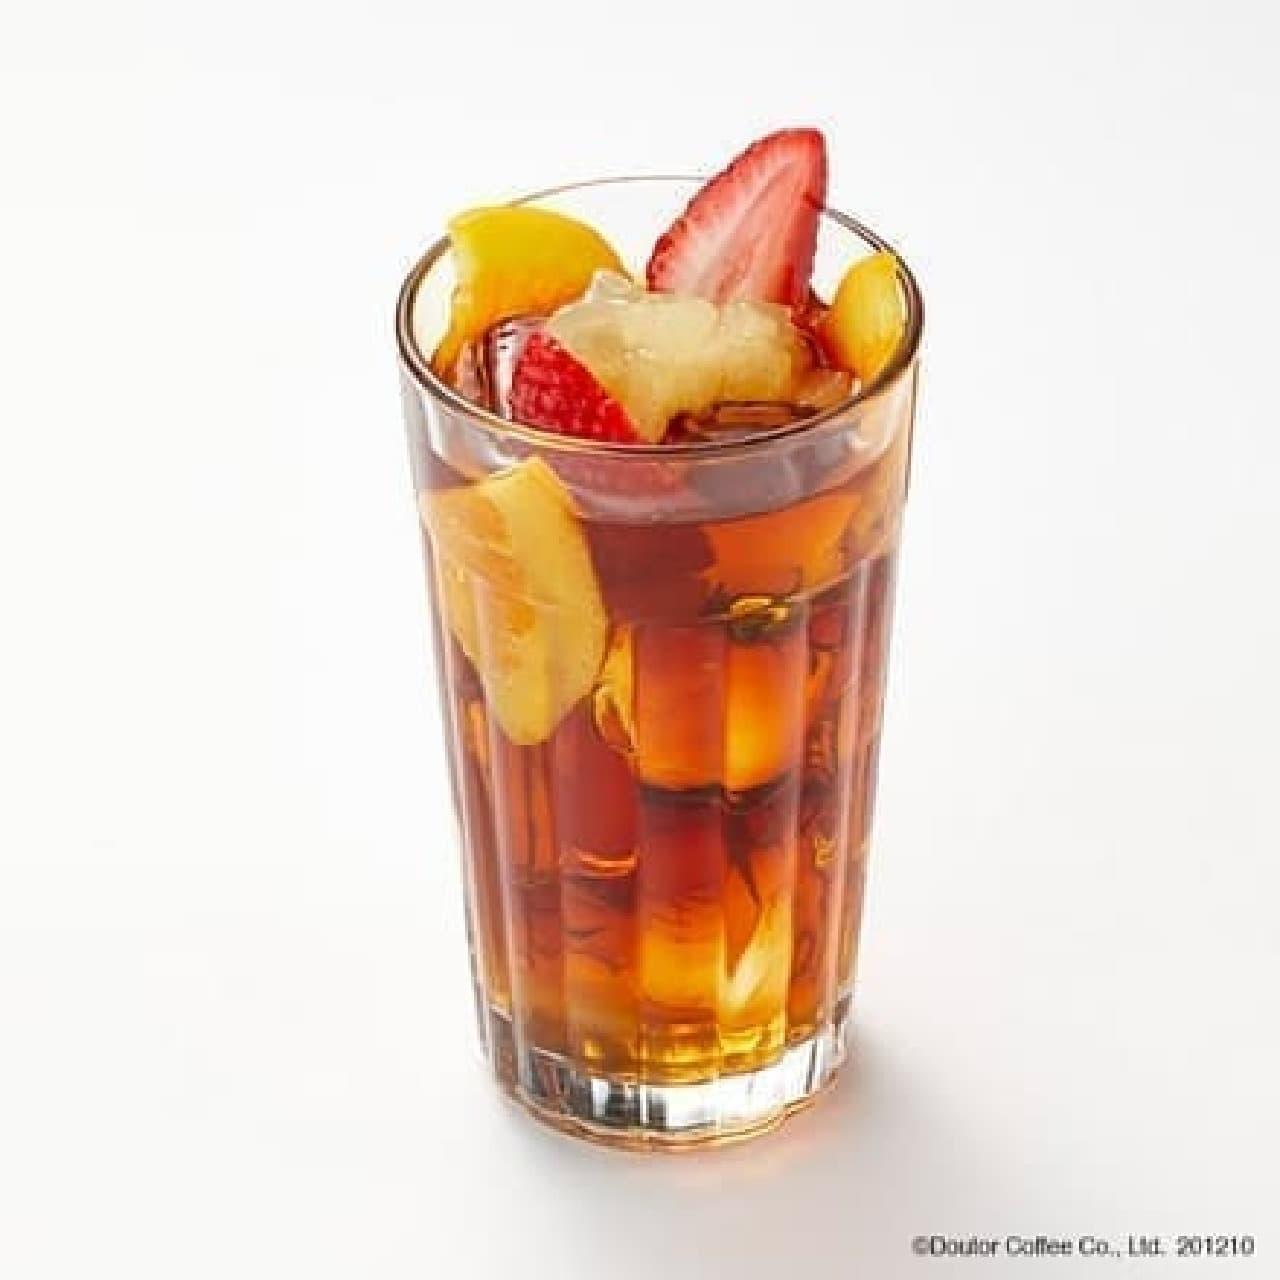 エクセルシオール カフェ「フルーツティー ふじりんごソース」